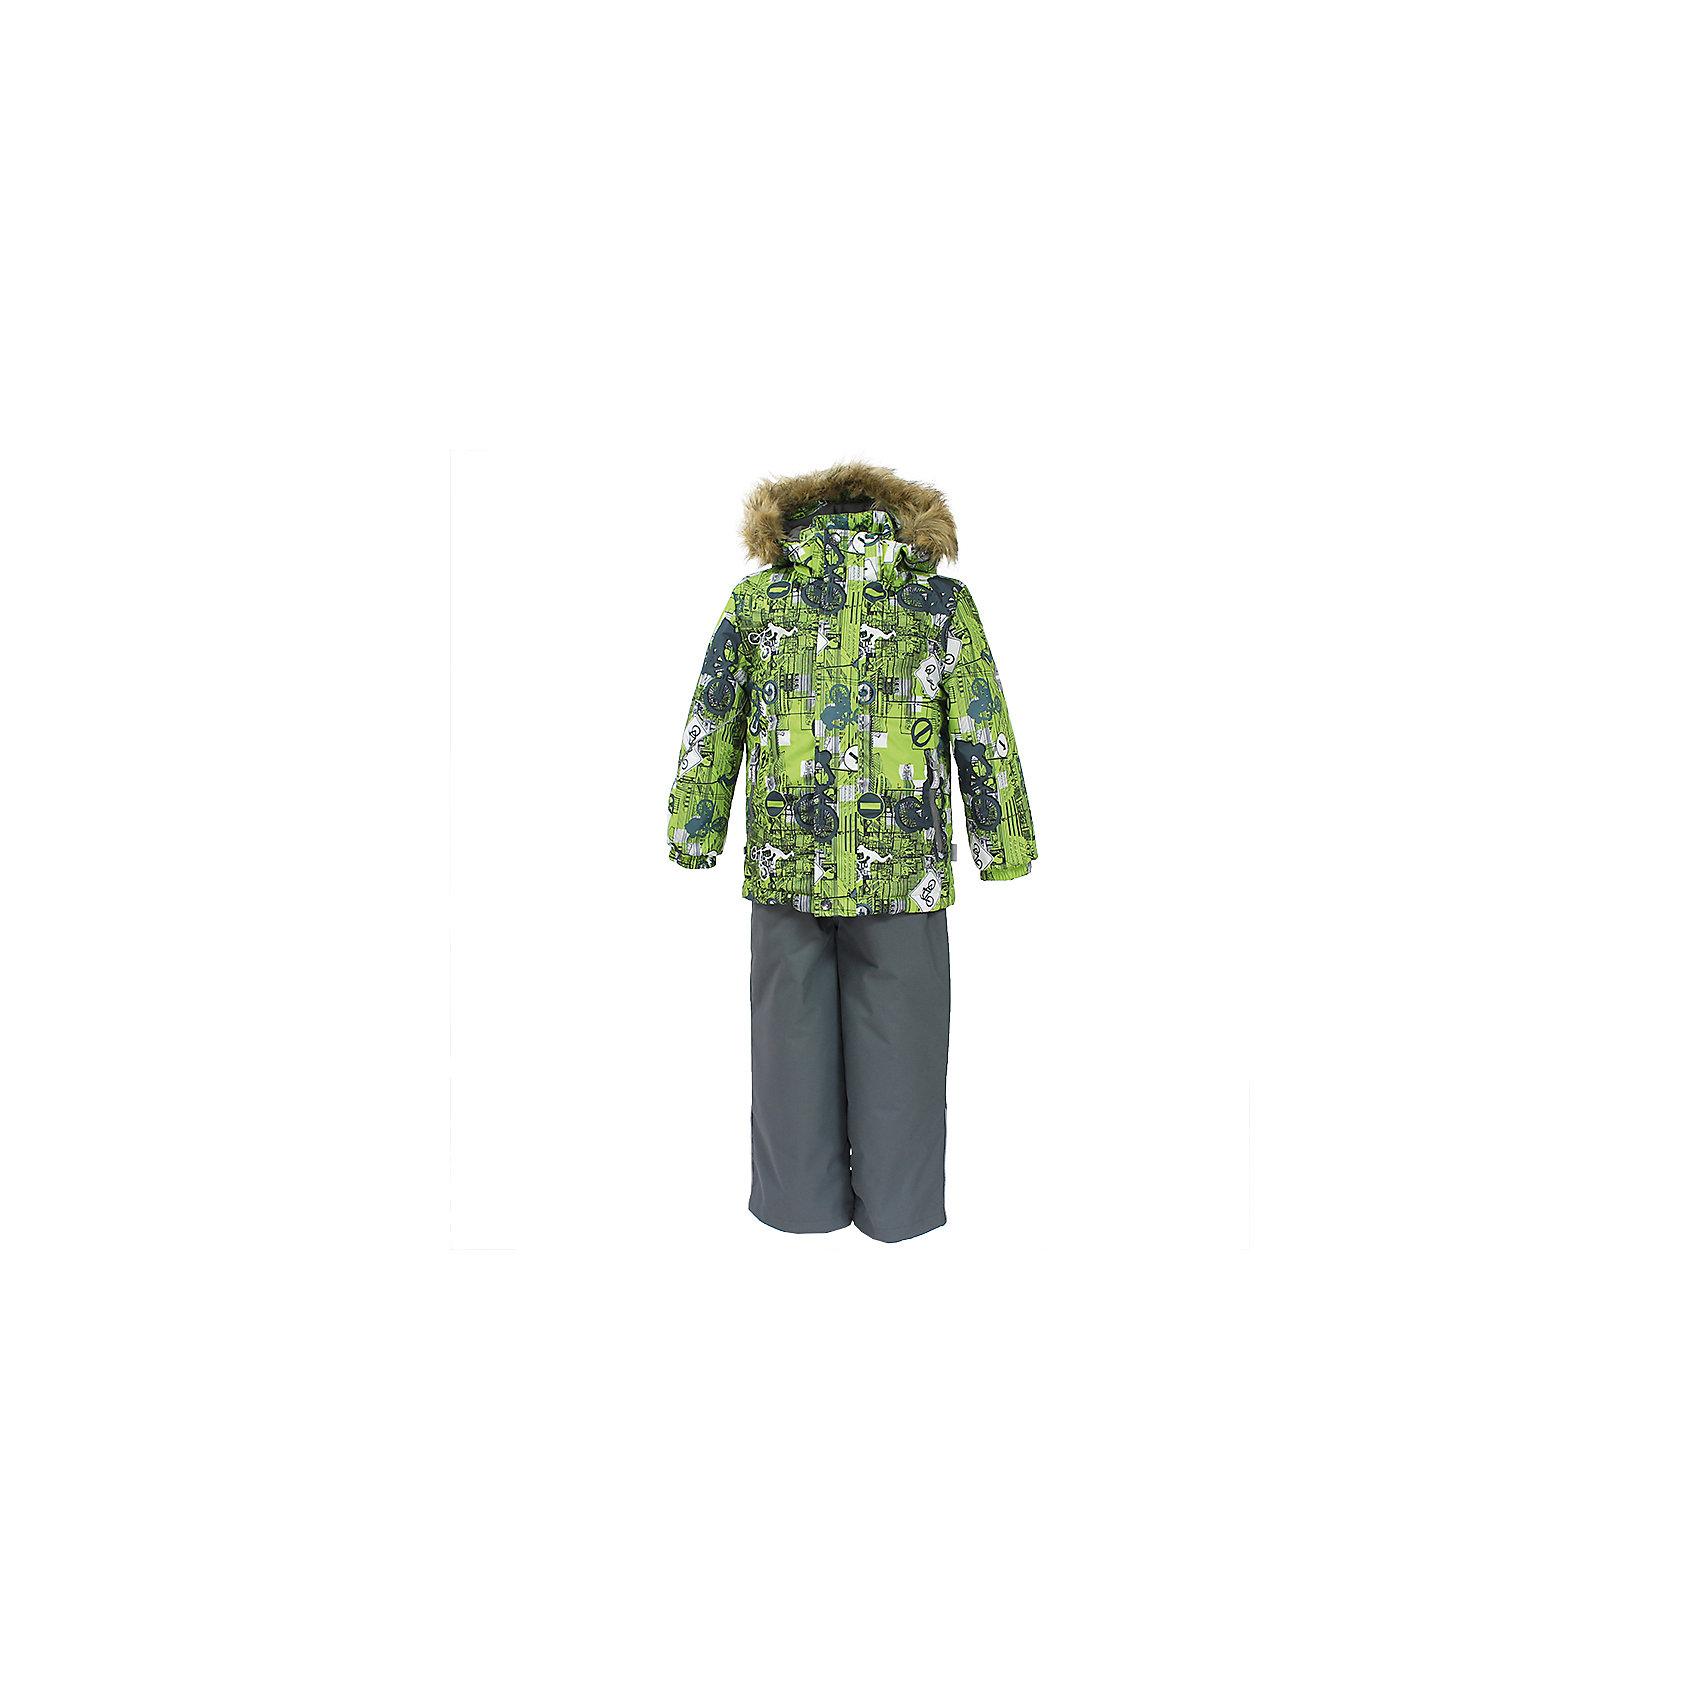 Комплект: куртка и брюки DANTE HuppaВерхняя одежда<br>Характеристики товара:<br><br>• модель: Dante;<br>• цвет: салатовый принт/серый;<br>• состав: 100% полиэстер;<br>• утеплитель: нового поколения HuppaTherm, 300 гр куртка / 160гр брюки;<br>• подкладка: полиэстер: тафта, pritex;<br>• сезон: зима;<br>• температурный режим: от -5 до - 30С;<br>• водонепроницаемость: 10000 мм;<br>• воздухопроницаемость: 10000 г/м2/24ч;<br>• особенности модели: c рисунком; с мехом на капюшоне;<br>• плечевые швы и шаговый шов проклеены и не пропускают влагу;<br>• в куртке застежка молния, прикрыта планкой;<br>• низ куртки стягивается кулиской, что помогает предотвращать попадание снега внутрь;<br>• эластичные подтяжки регулируются по длине;<br>• низ брюк затягивается на шнурок с фиксатором;<br>• снегозащитные манжеты на штанинах;<br>• безопасный капюшон крепится на кнопки и, при необходимости, отстегивается;<br>• искусственный мех на капюшоне съемный;<br>• светоотражающие элементы для безопасности ребенка;<br>• внутренний и боковые карманы застегиваются на молнию;<br>• манжеты рукавов эластичные, на резинках; <br>• страна бренда: Финляндия;<br>• страна изготовитель: Эстония.<br><br>Зимний комплект Dante - это отличный вариант для холодной зимы. Утеплитель HuppaTherm - высокотехнологичный легкий синтетический утеплитель нового поколения. Сохраняет объем и высокую теплоизоляцию изделия. Легко стирается и быстро сохнет. Изделия HuppaTherm легкие по весу, комфортные и теплые.<br><br>Мембрана препятствует прохождению воды и ветра сквозь ткань внутрь изделия, позволяя испаряться выделяемой телом, образовывающейся внутри влаге. Прочная ткань: сплетения волокон в тканях выполнены по специальной технологии, которая придаёт ткани прочность и предохранят от истирания.Подкладка —полиэстер: тафта, pritex.<br><br>Функциональные элементы: Куртка: капюшон и мех отстегивается,  застежка молния, прикрыта планкой, манжеты на резинке, светоотражающие элементы. Брюки:  застежка молния, эластичные подтяжки ре